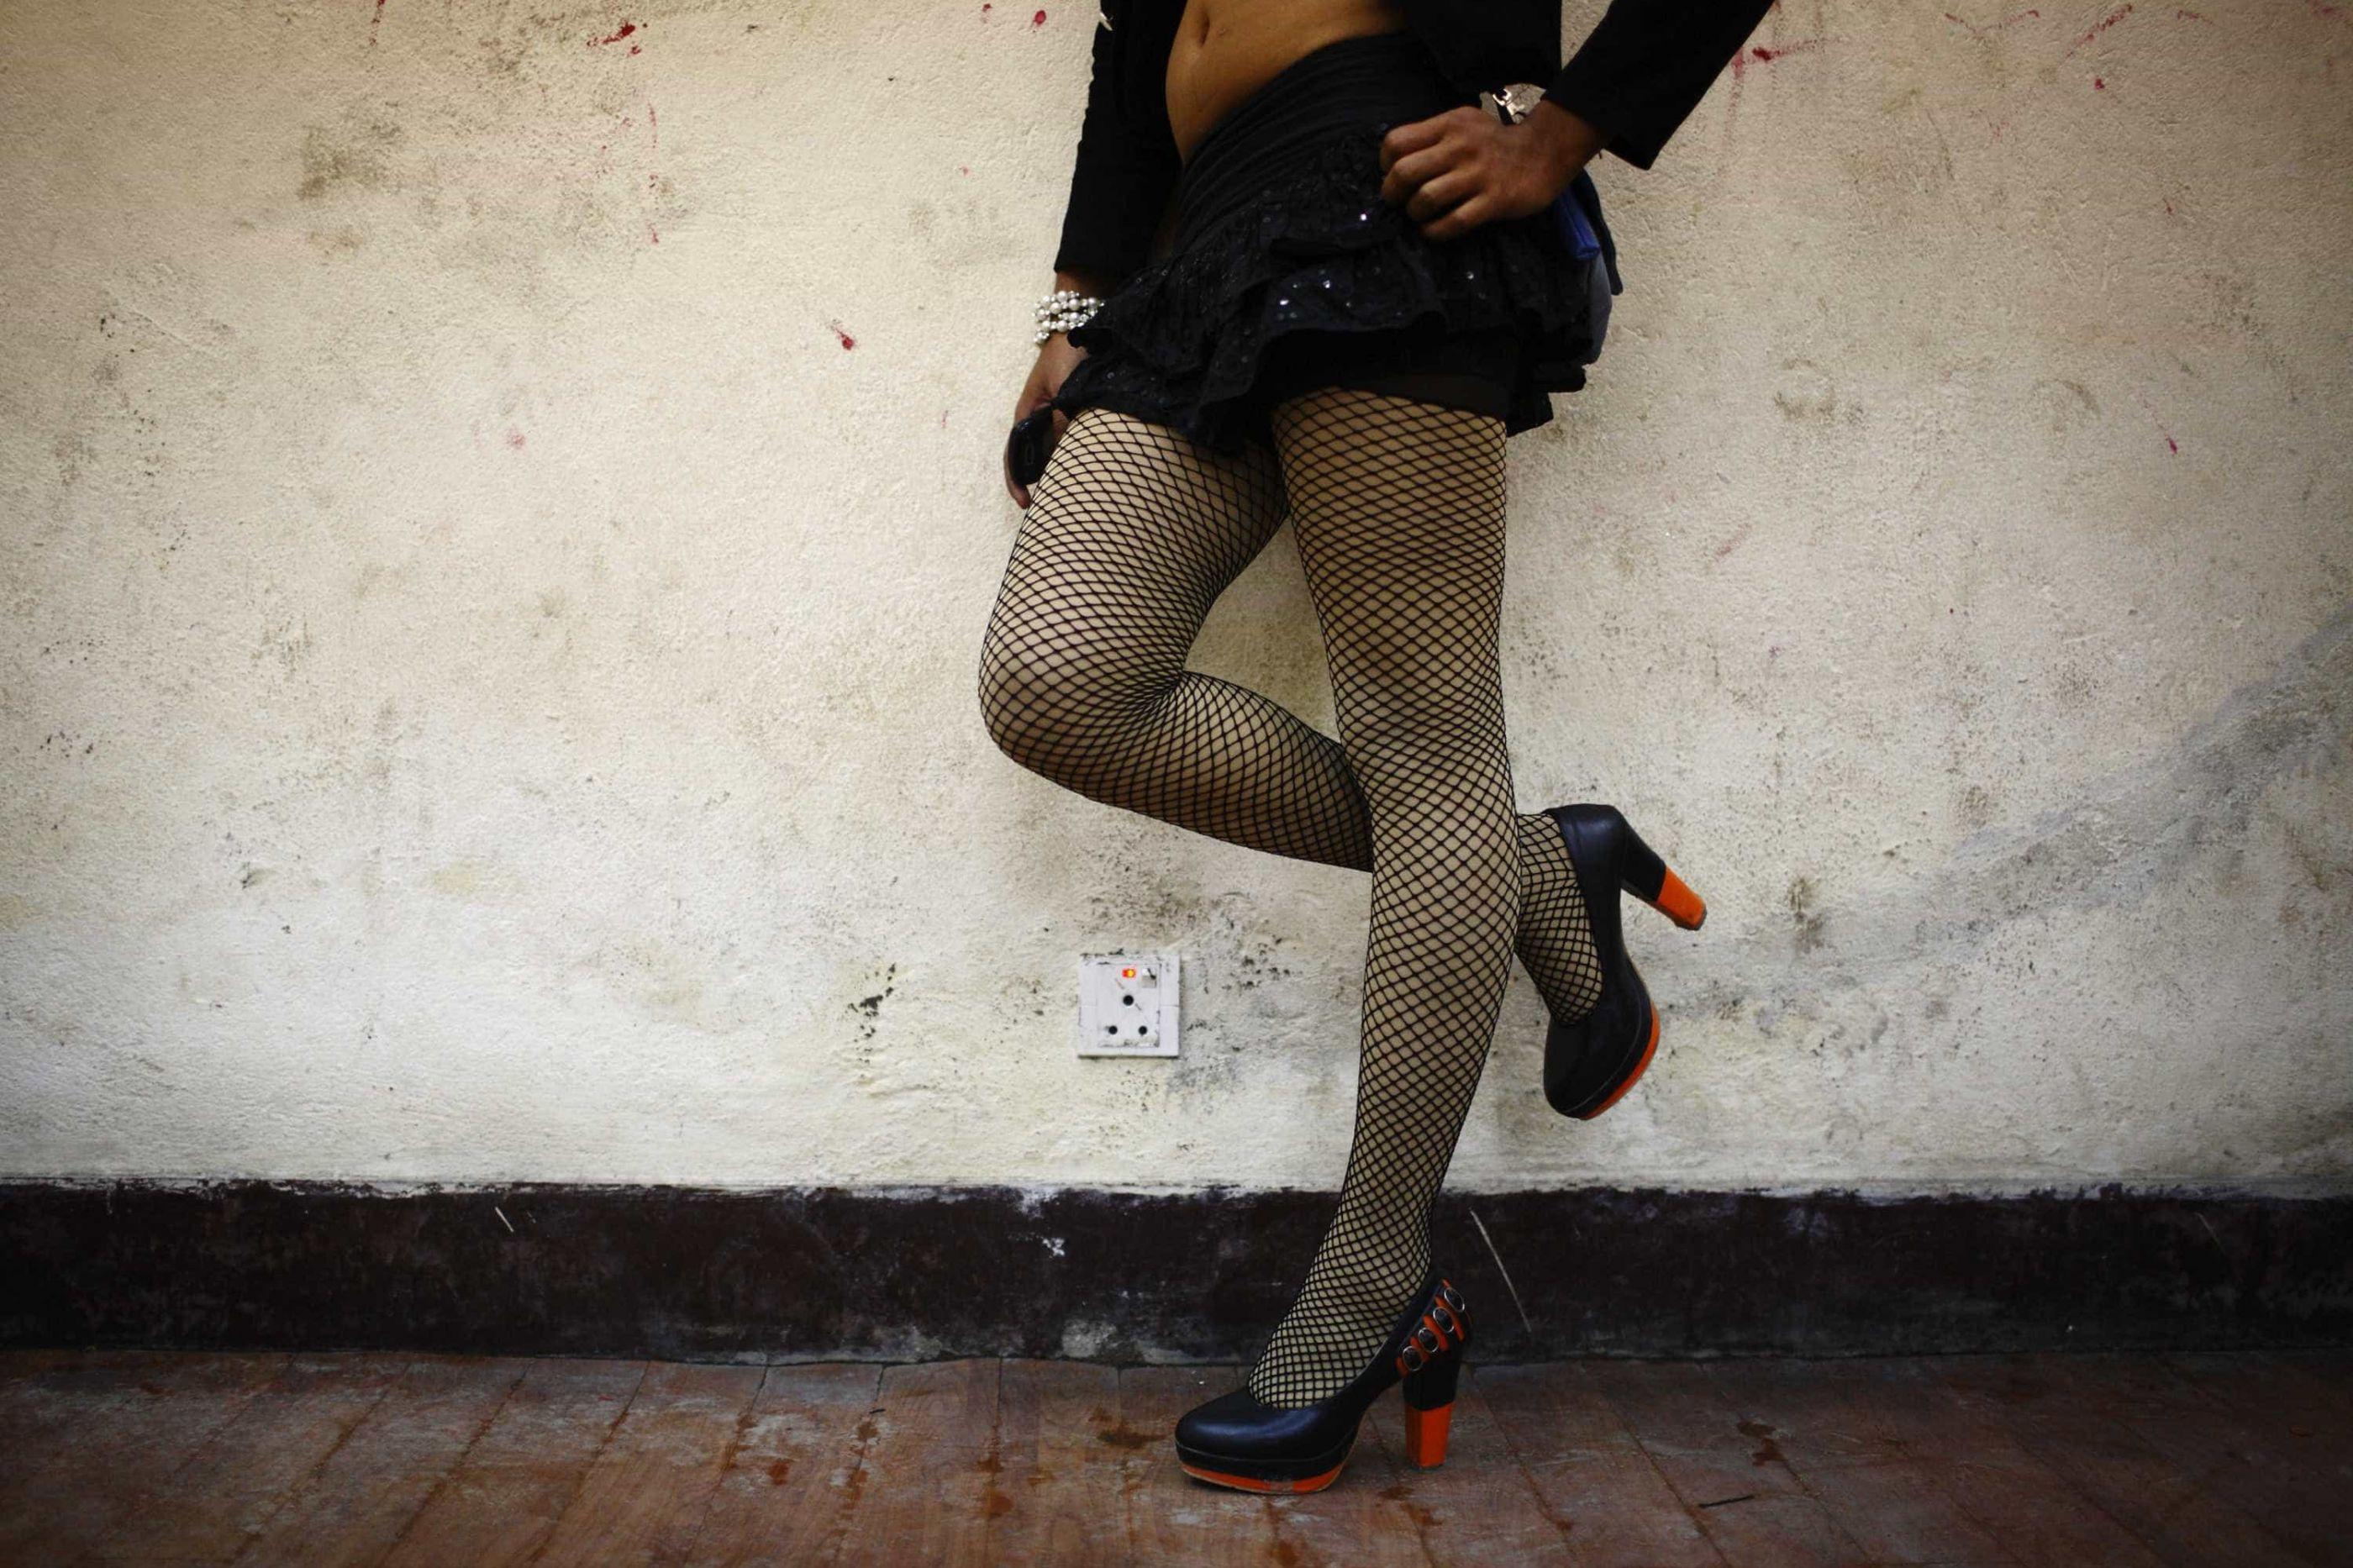 Associação pede para a prostituição plano como o da violência doméstica